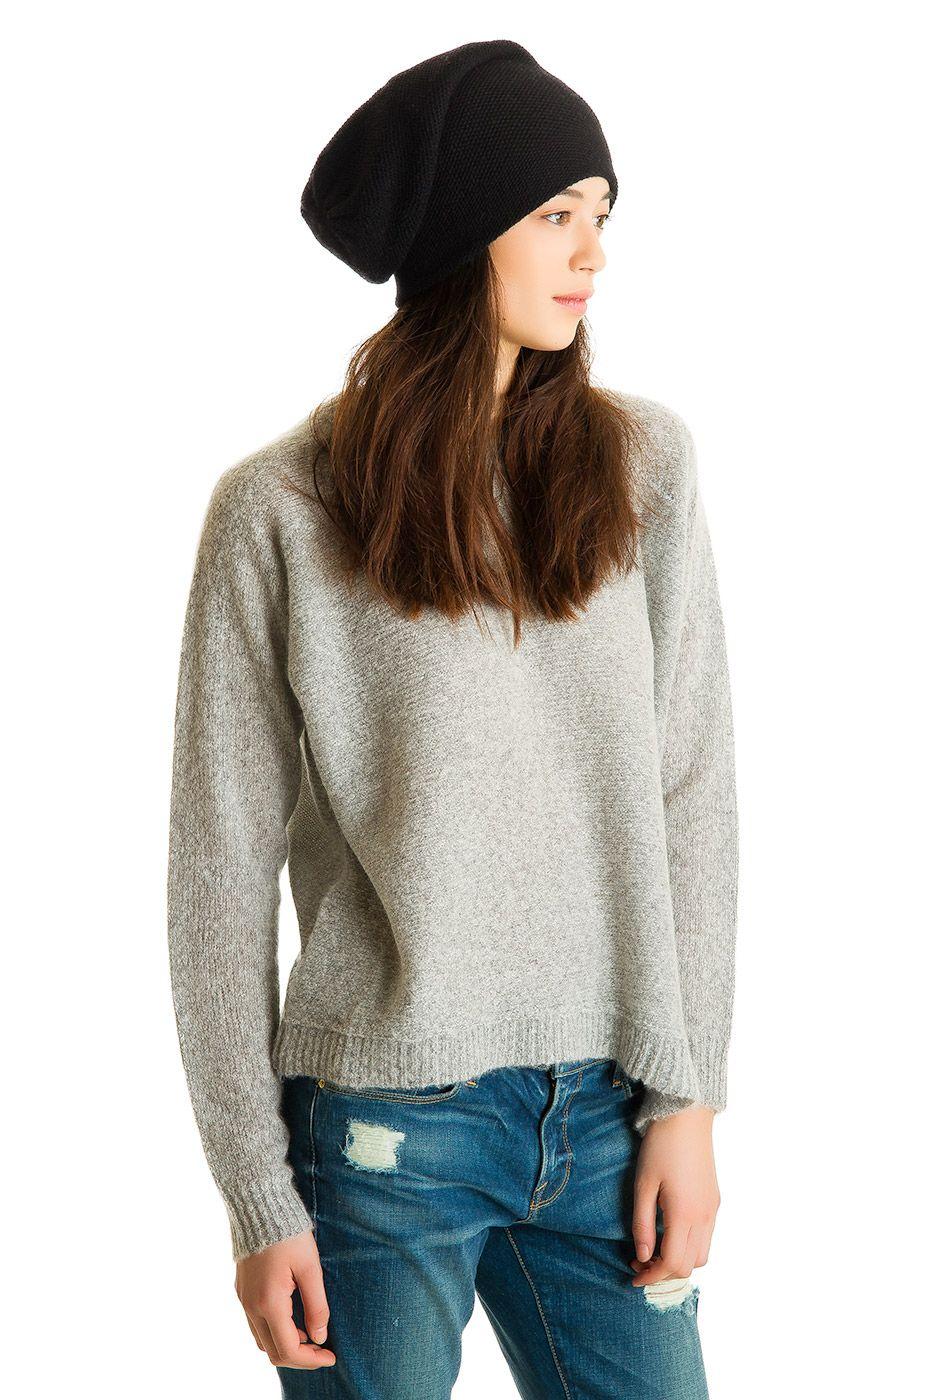 Cozy Pullover, Husky, 100% Ultra-soft Dreamy Cashmere | Paychi Guh